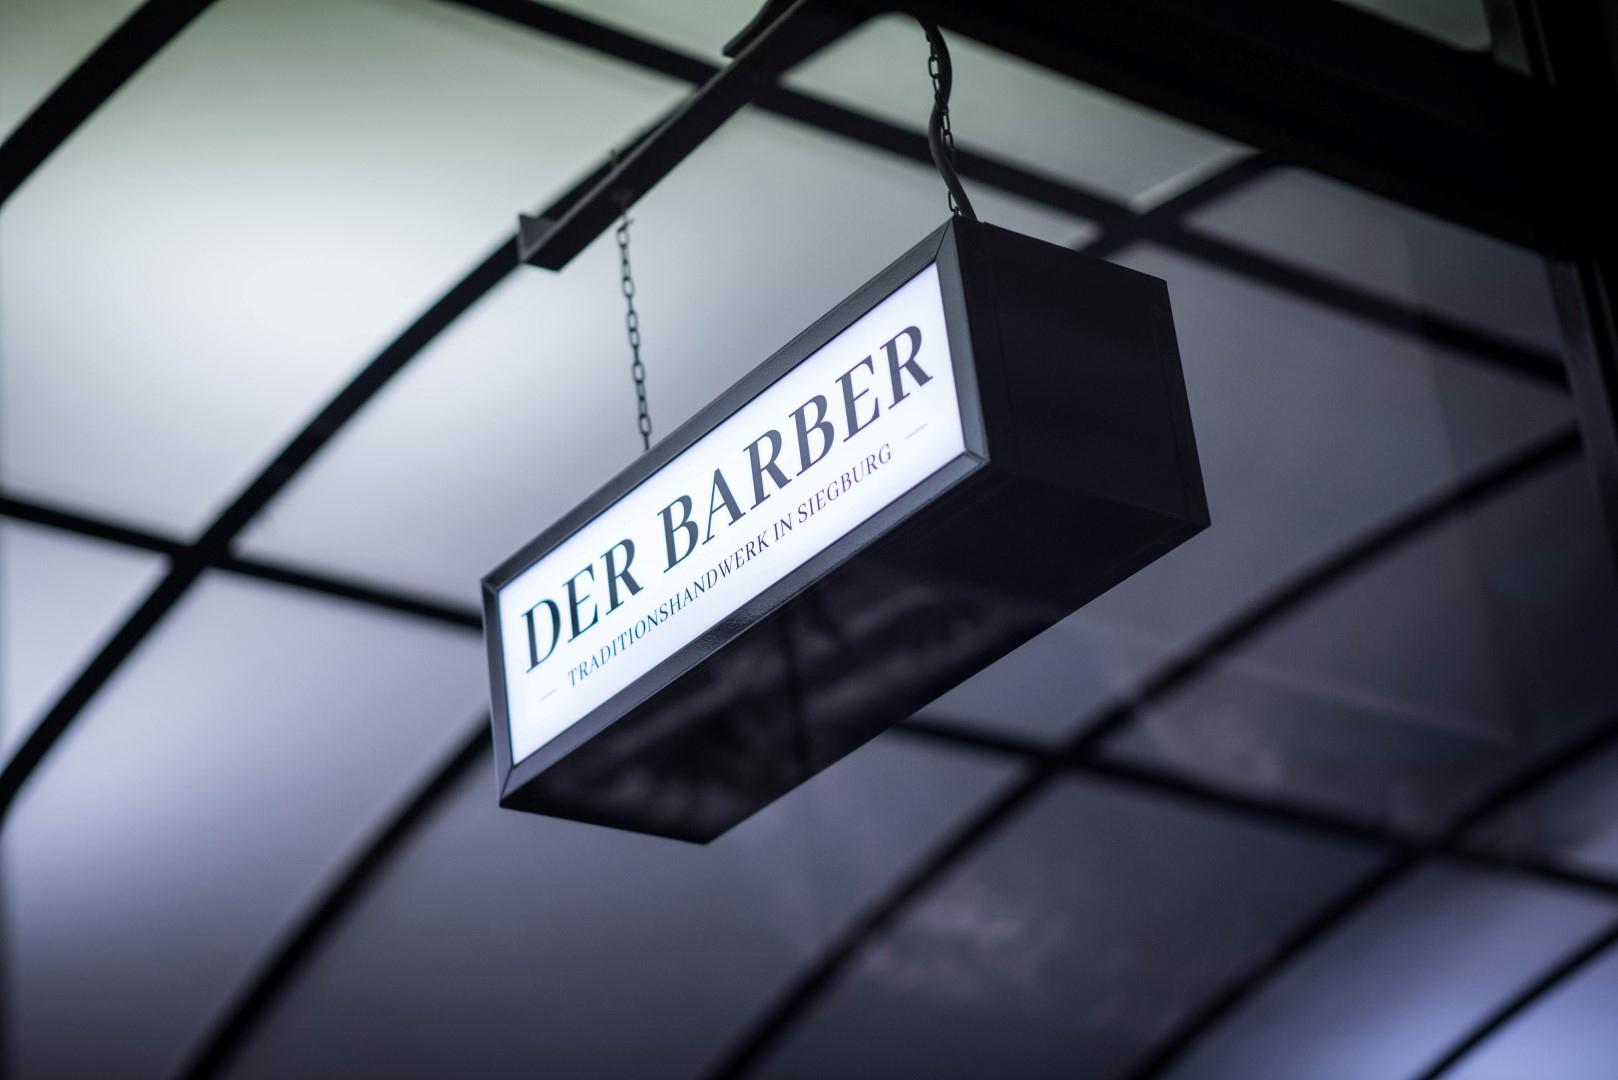 Das Bild zeigt ein Eingangsschild mit der Aufschrift des Barbershops